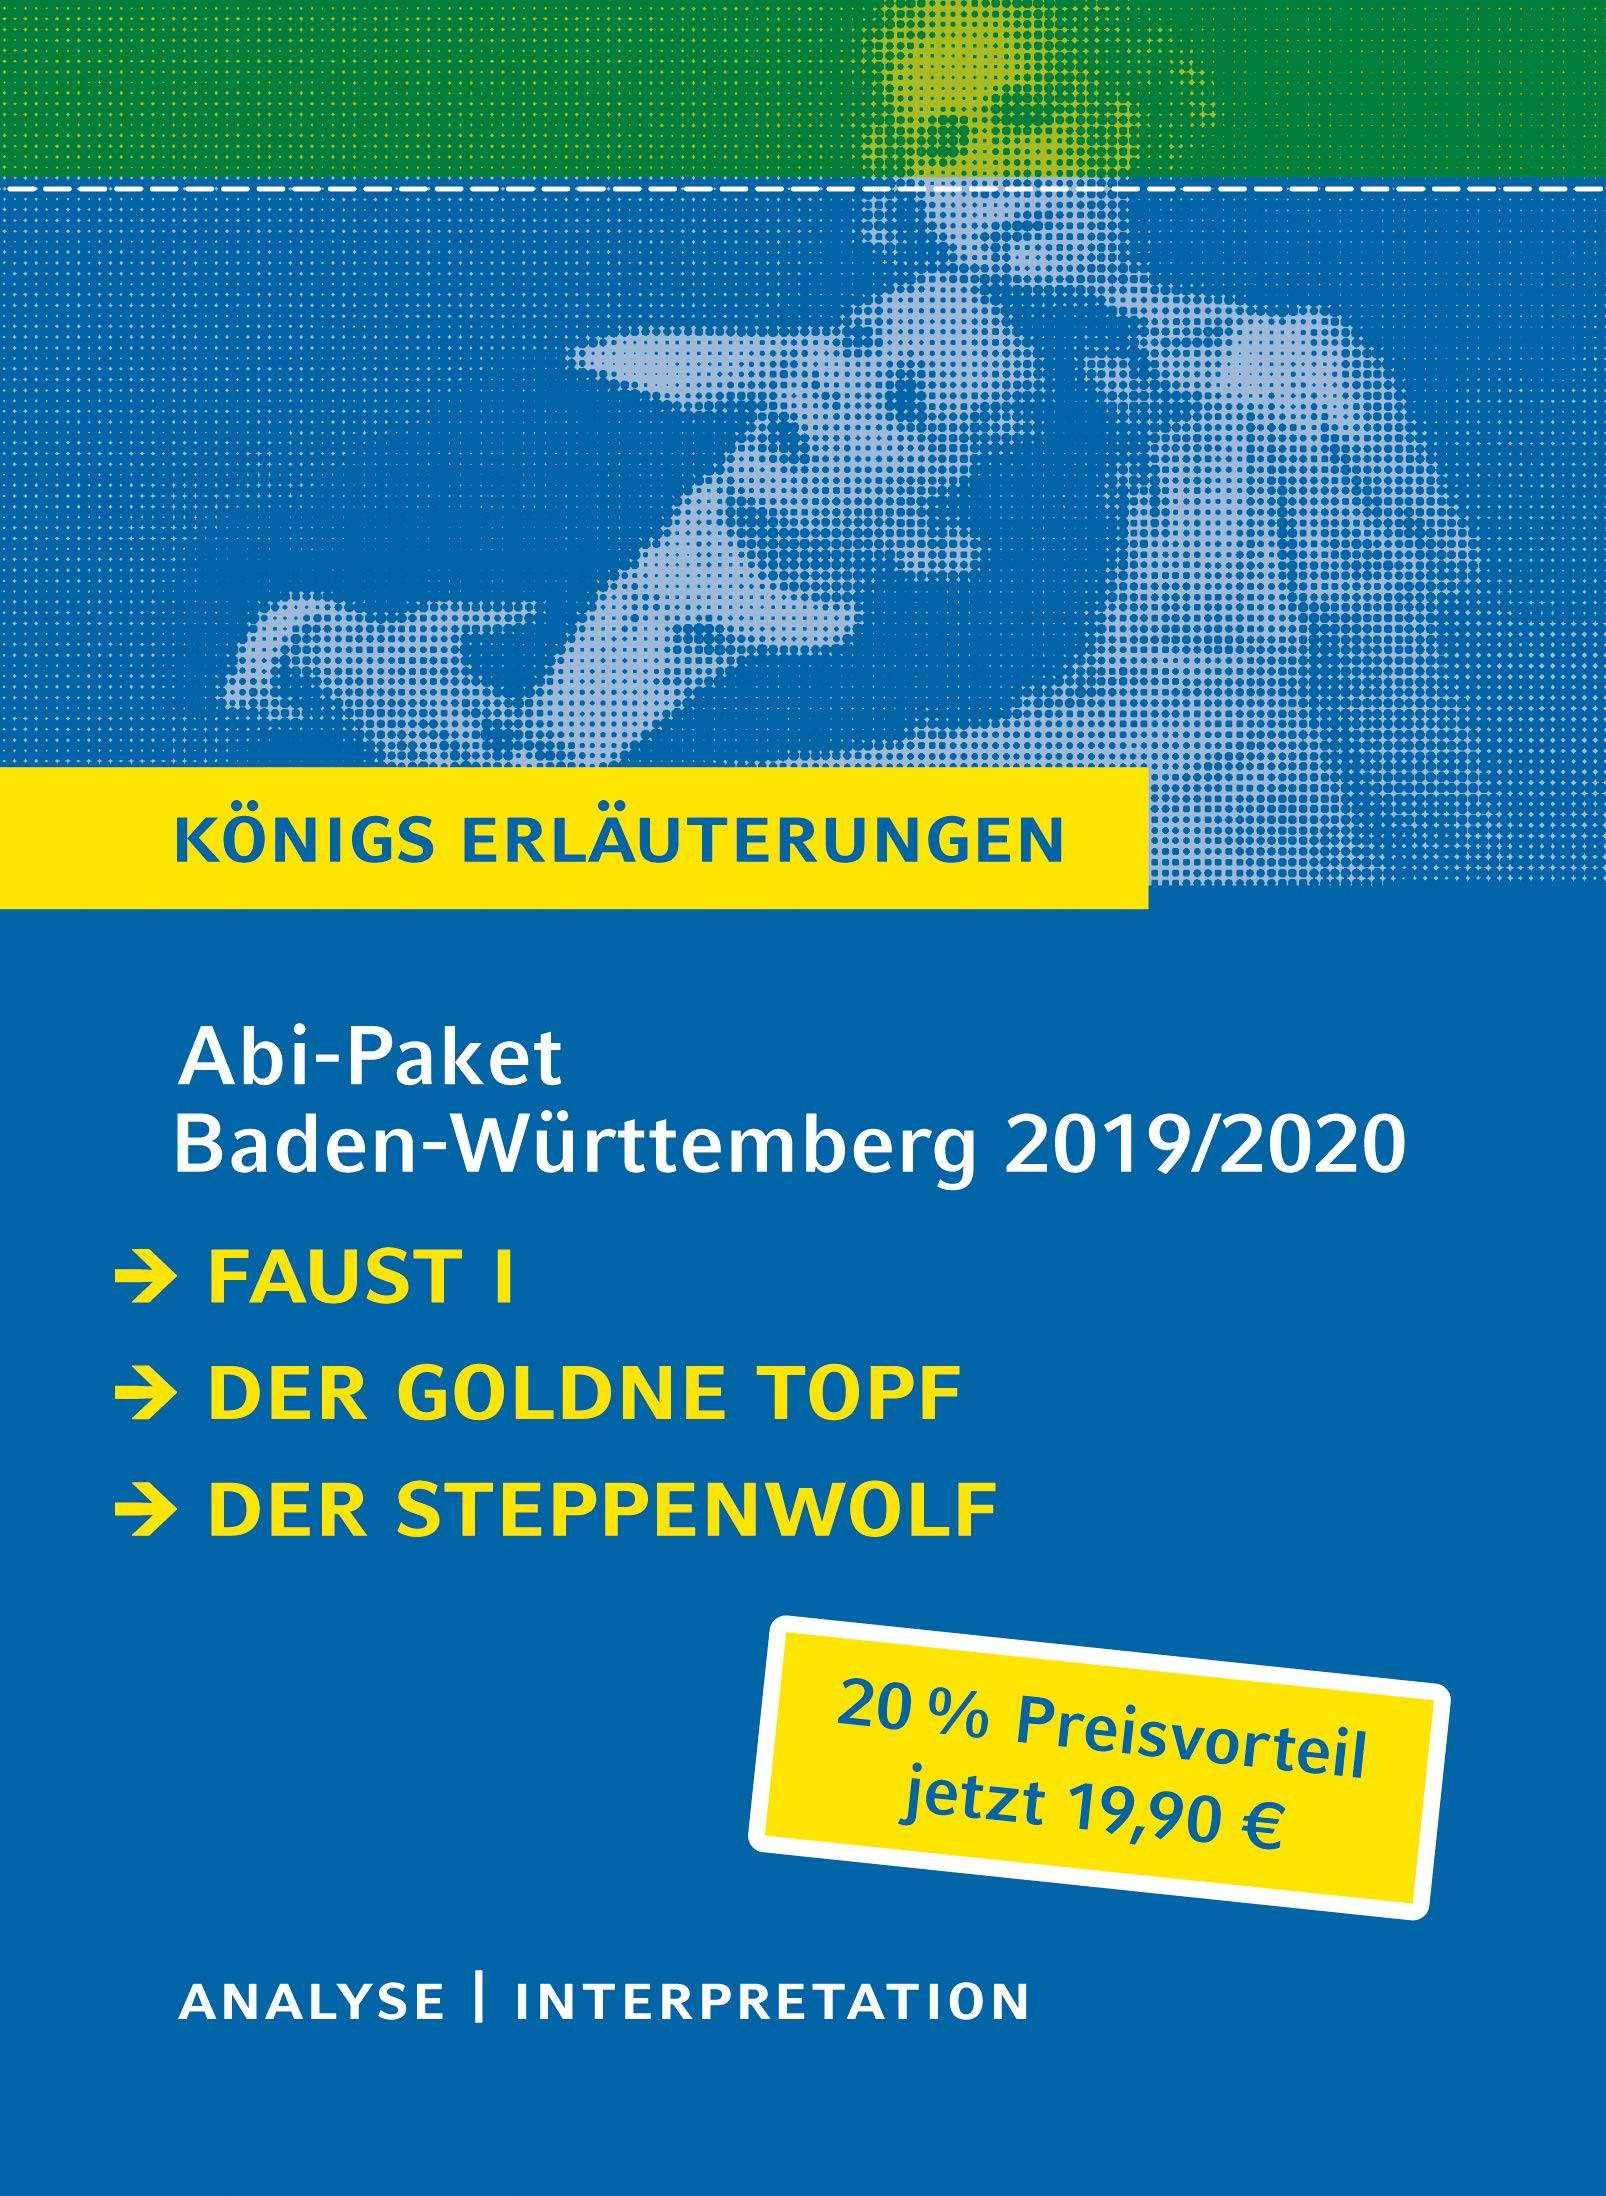 Abitur Baden-Württemberg 2019 & 2020 - Königs Erläuterungen Paket: Ein Bundle mit allen Lektürehilfen zur Abiturprüfung: Faust I, Der goldne Topf, Der Steppenwolf